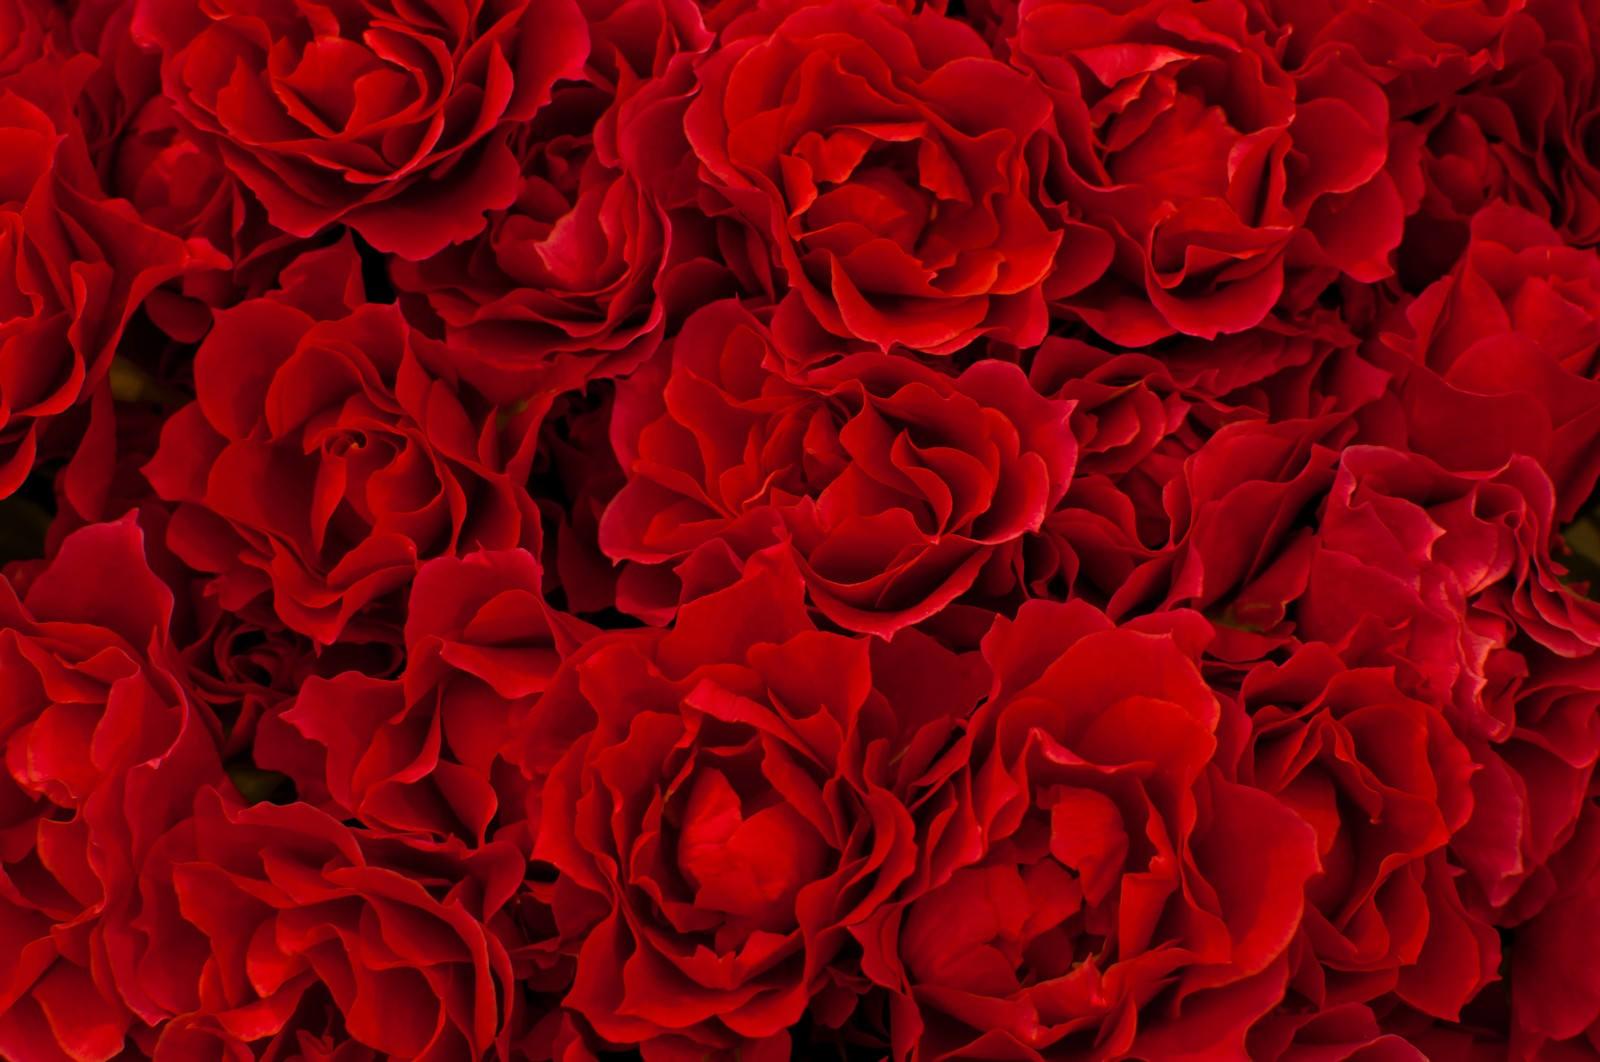 「赤いバラのテクスチャー」の写真